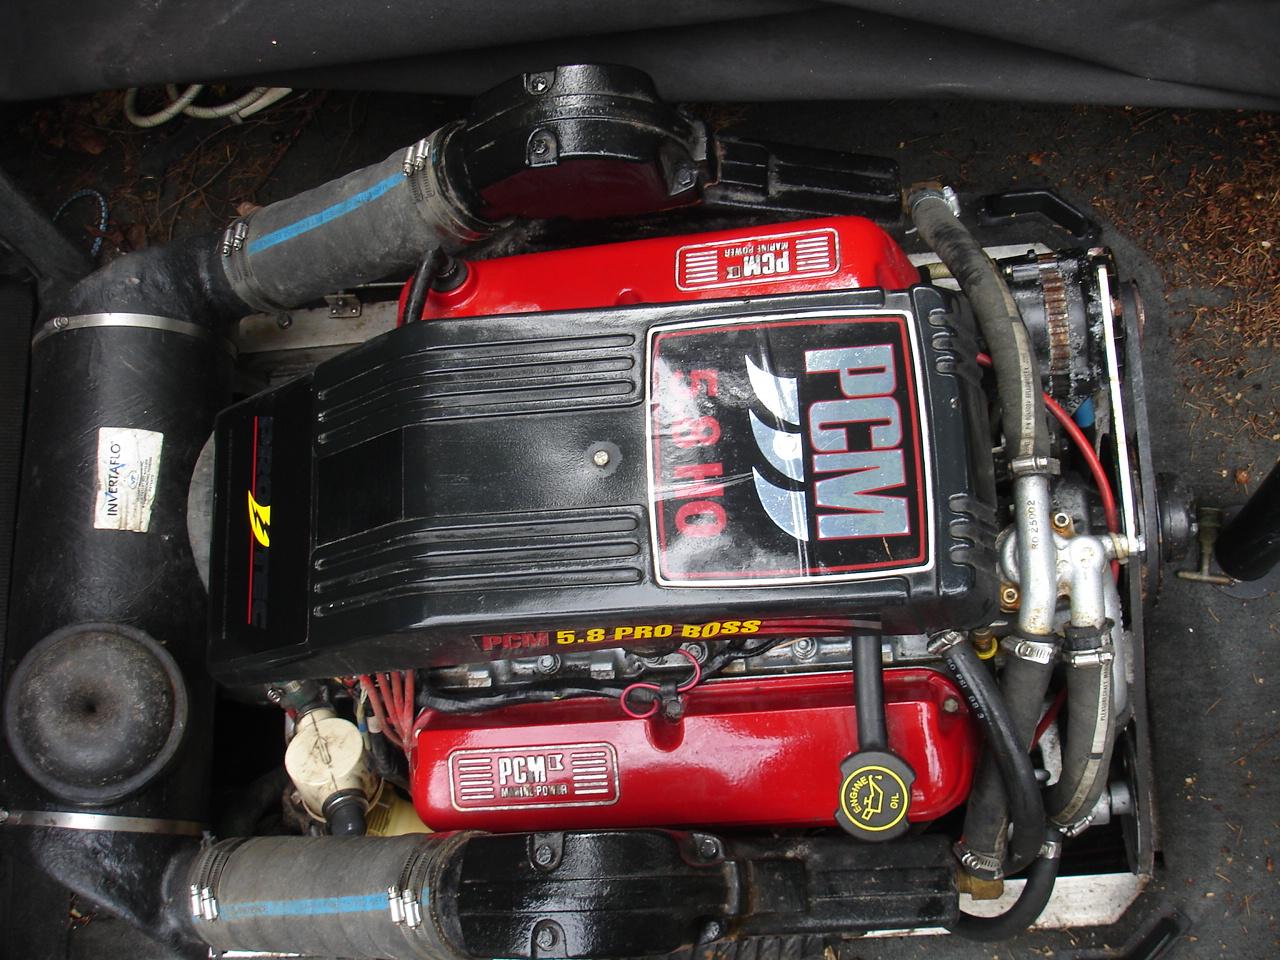 pcm 351 ford marine engine  pcm  free engine image for user manual download Indmar Engine Parts Indmar Engine Problems